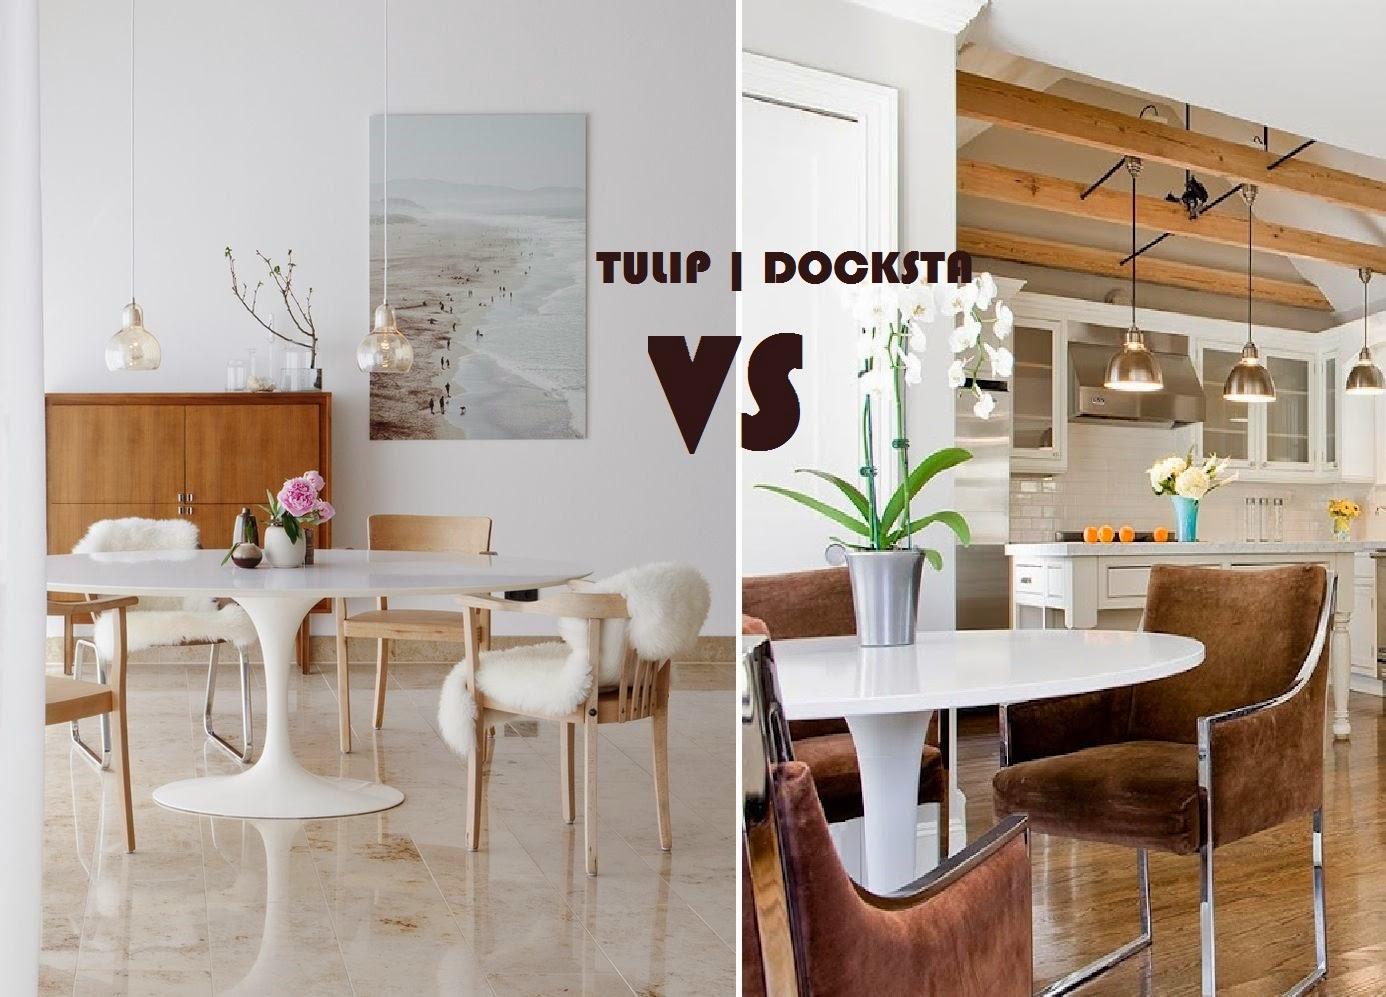 Populaire BLUE BAROQUE: TWINS DIFFERENT | Tulip vs Docksta: Stessa forma e  TB58